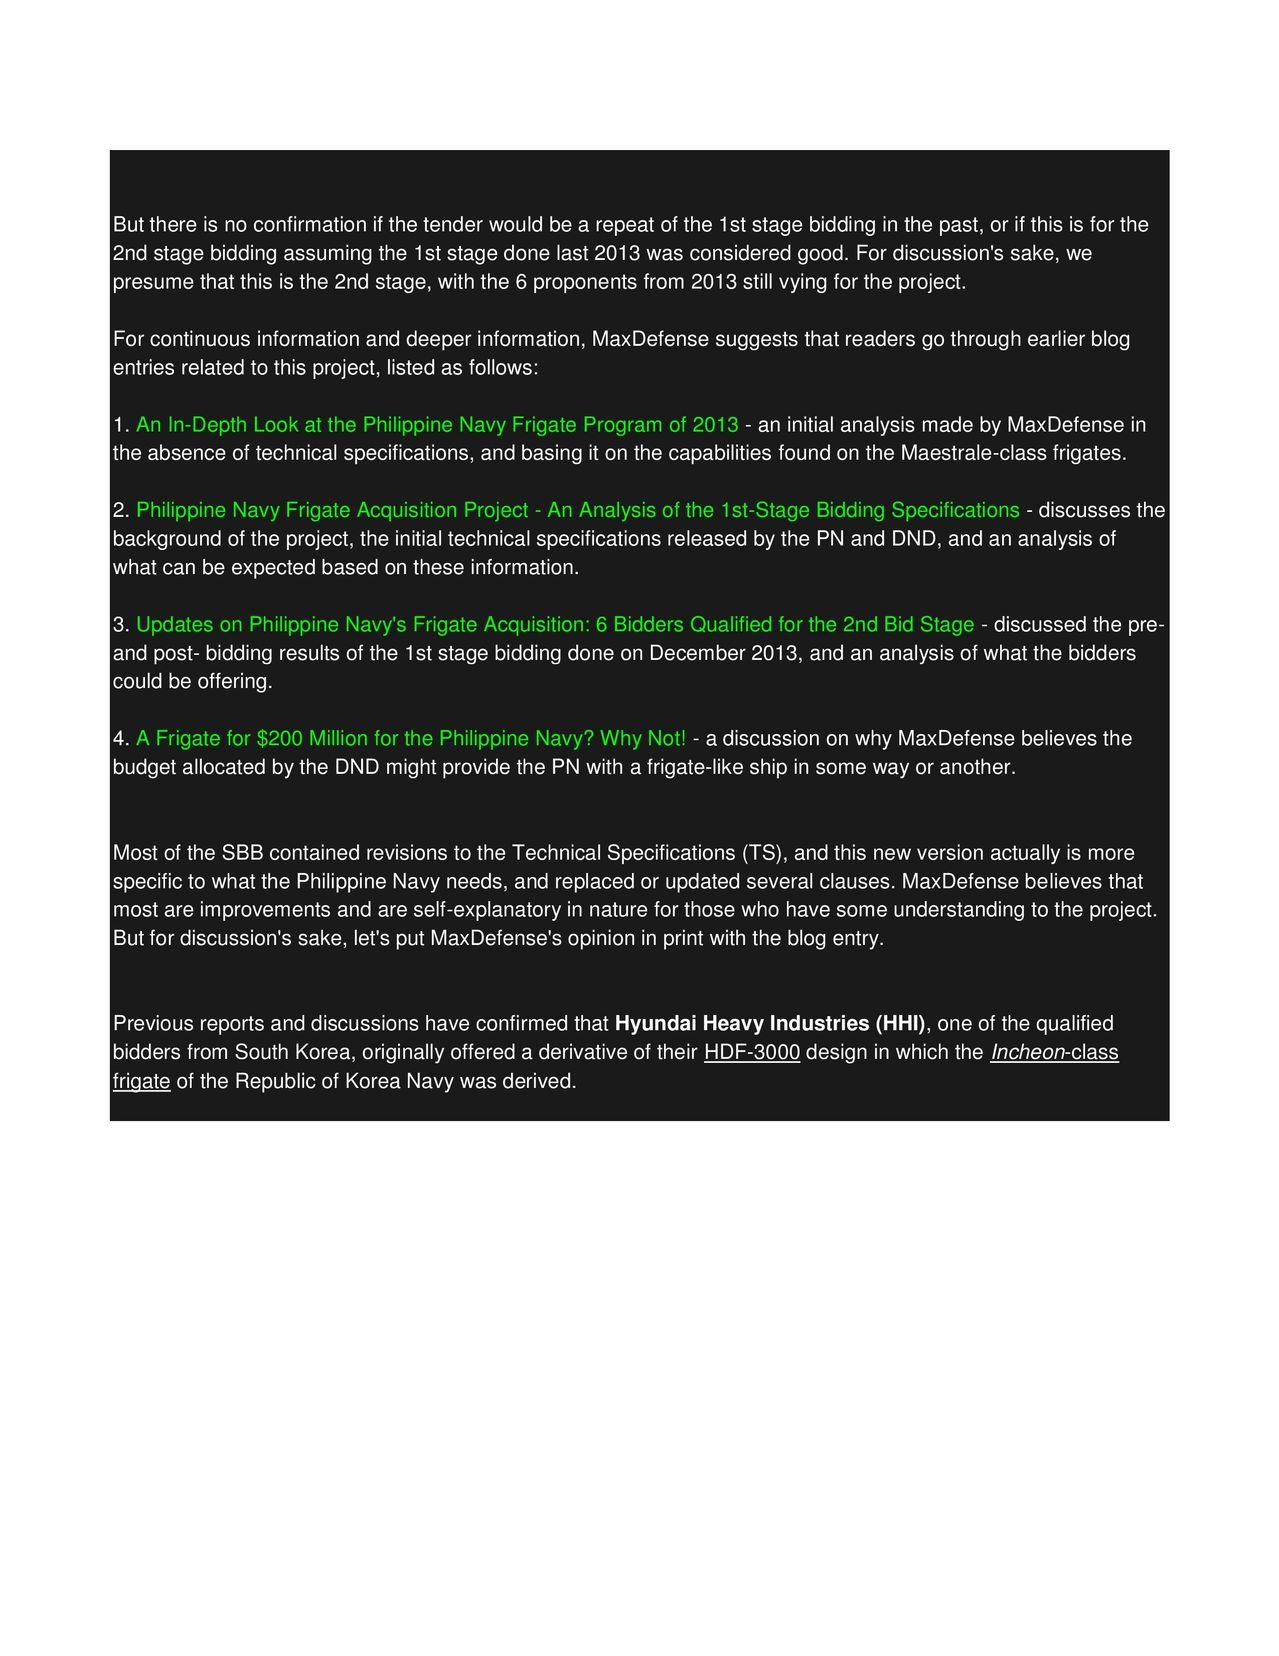 Fuerzas Armadas de Filipinas - Armada - Fuerzas Especiales- Fuerza Aerea - Ejercito - notas, equipos, inversiones y noticias PHILIPHINESFRIGATECASE_Page_2